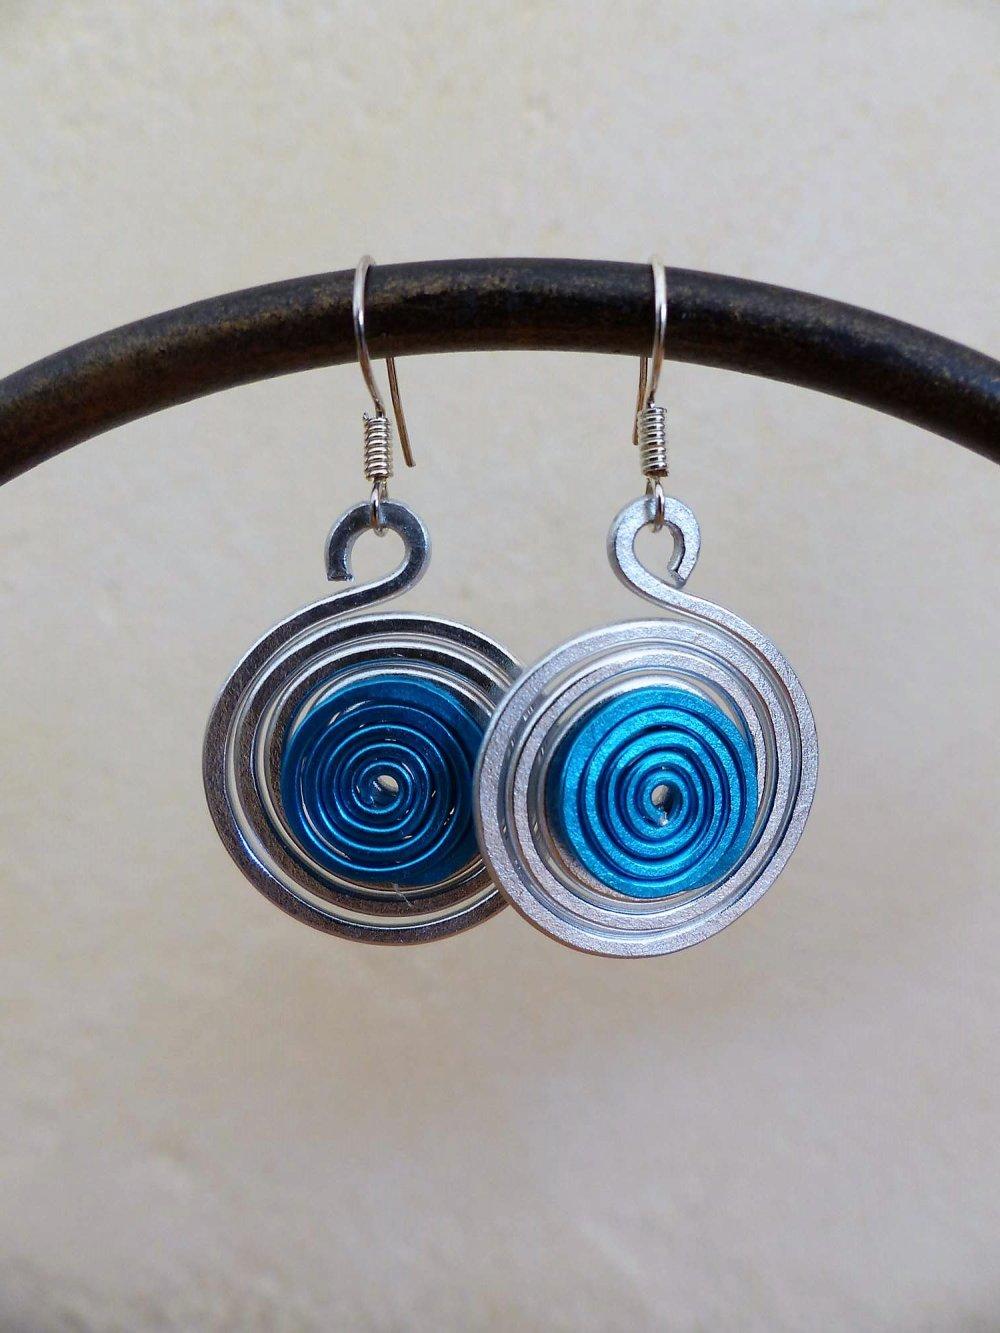 boucles d'oreilles spirales argentées-bleues